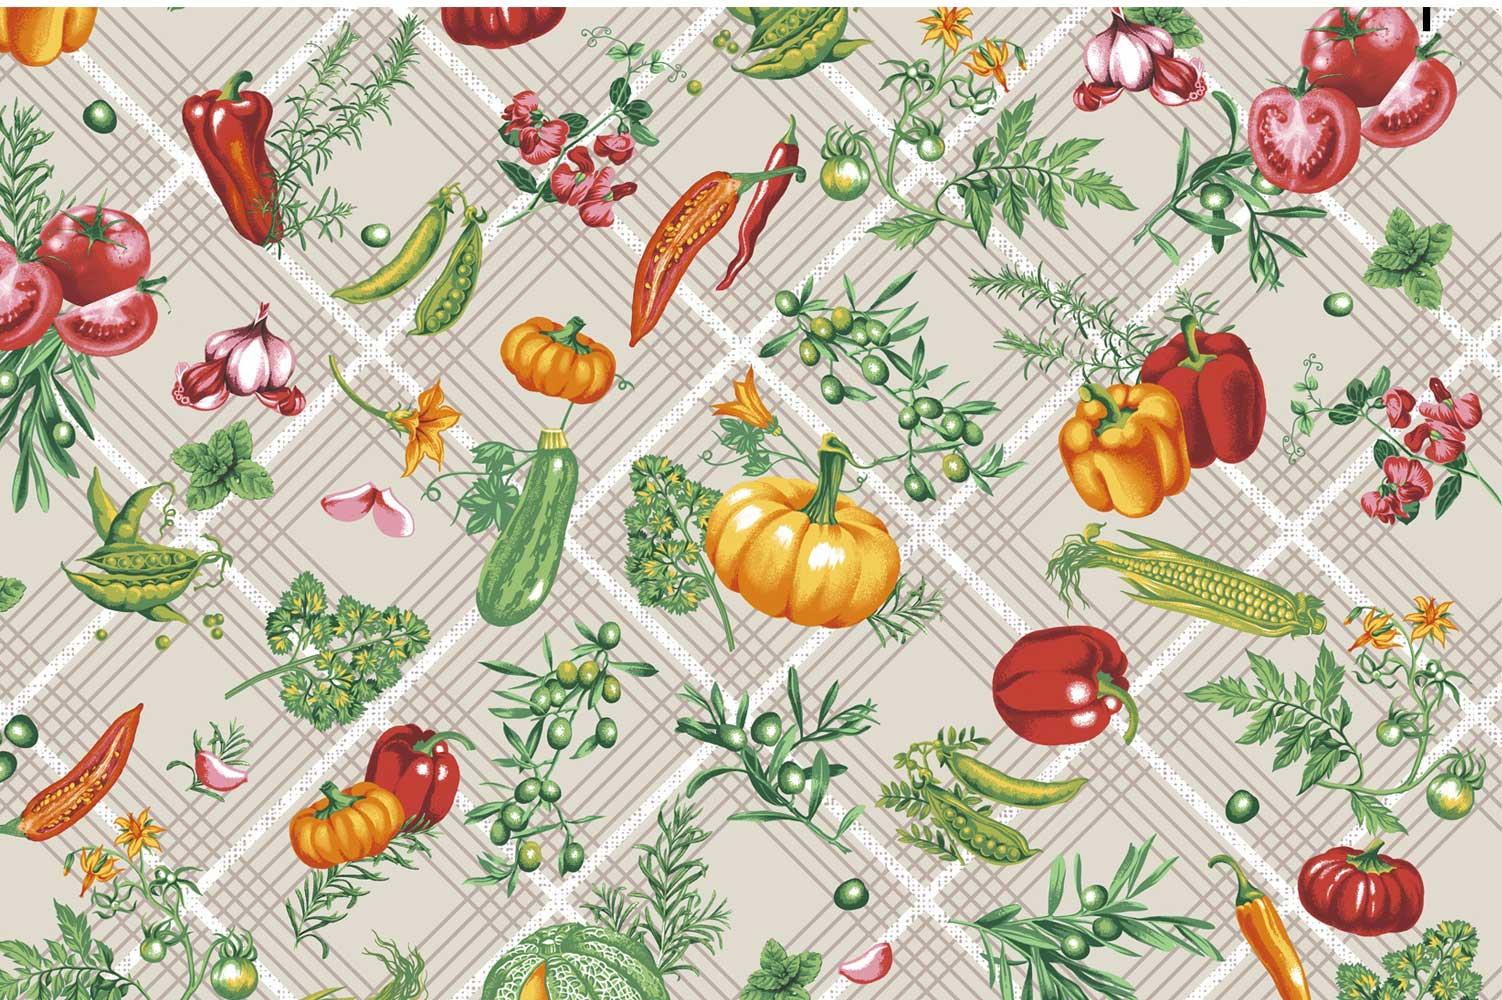 Вафельное полотенце Экстра р. 47х70Вафельные полотенца<br>Плотность ткани: 150 г/кв. м<br><br>Тип: Вафельное полотенце<br>Размер: 47х70<br>Материал: Вафельное полотно